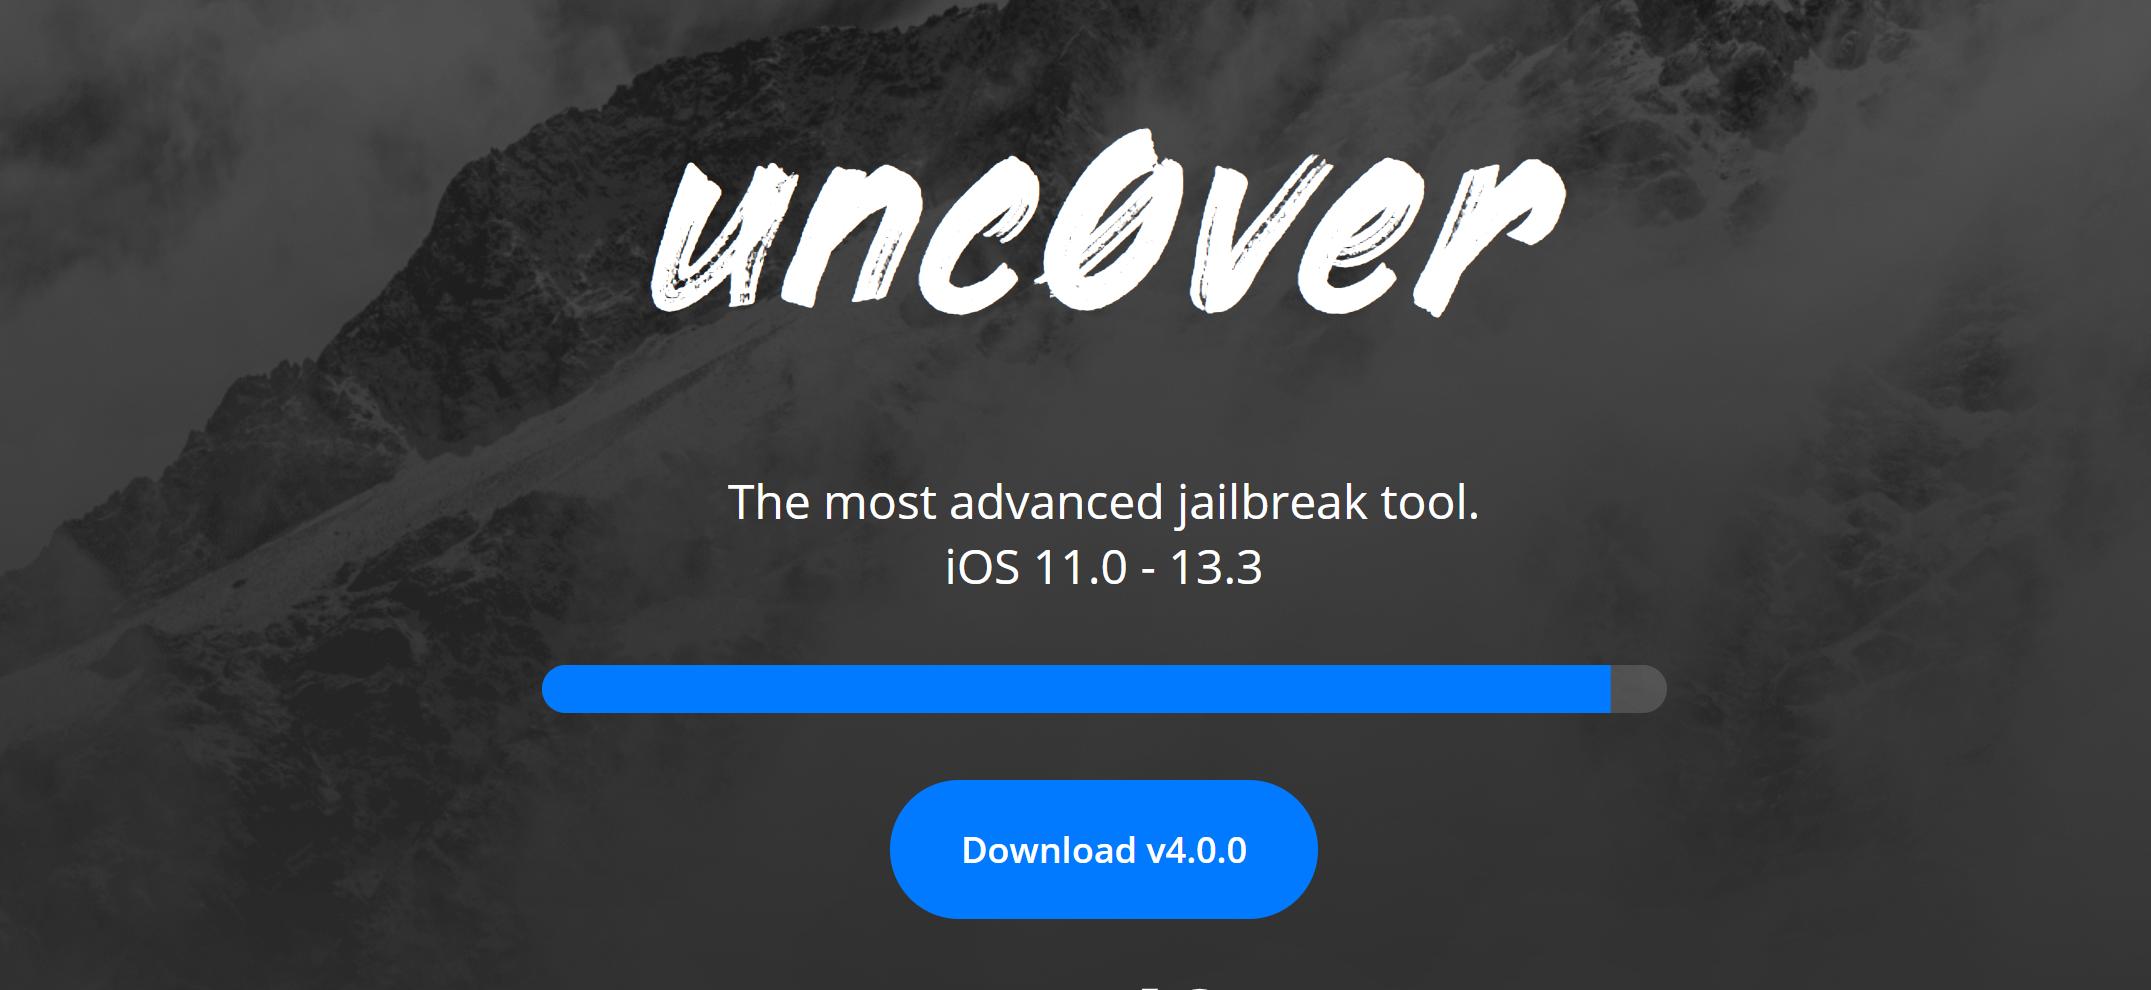 uncover jailbreak ipa v4.0.0